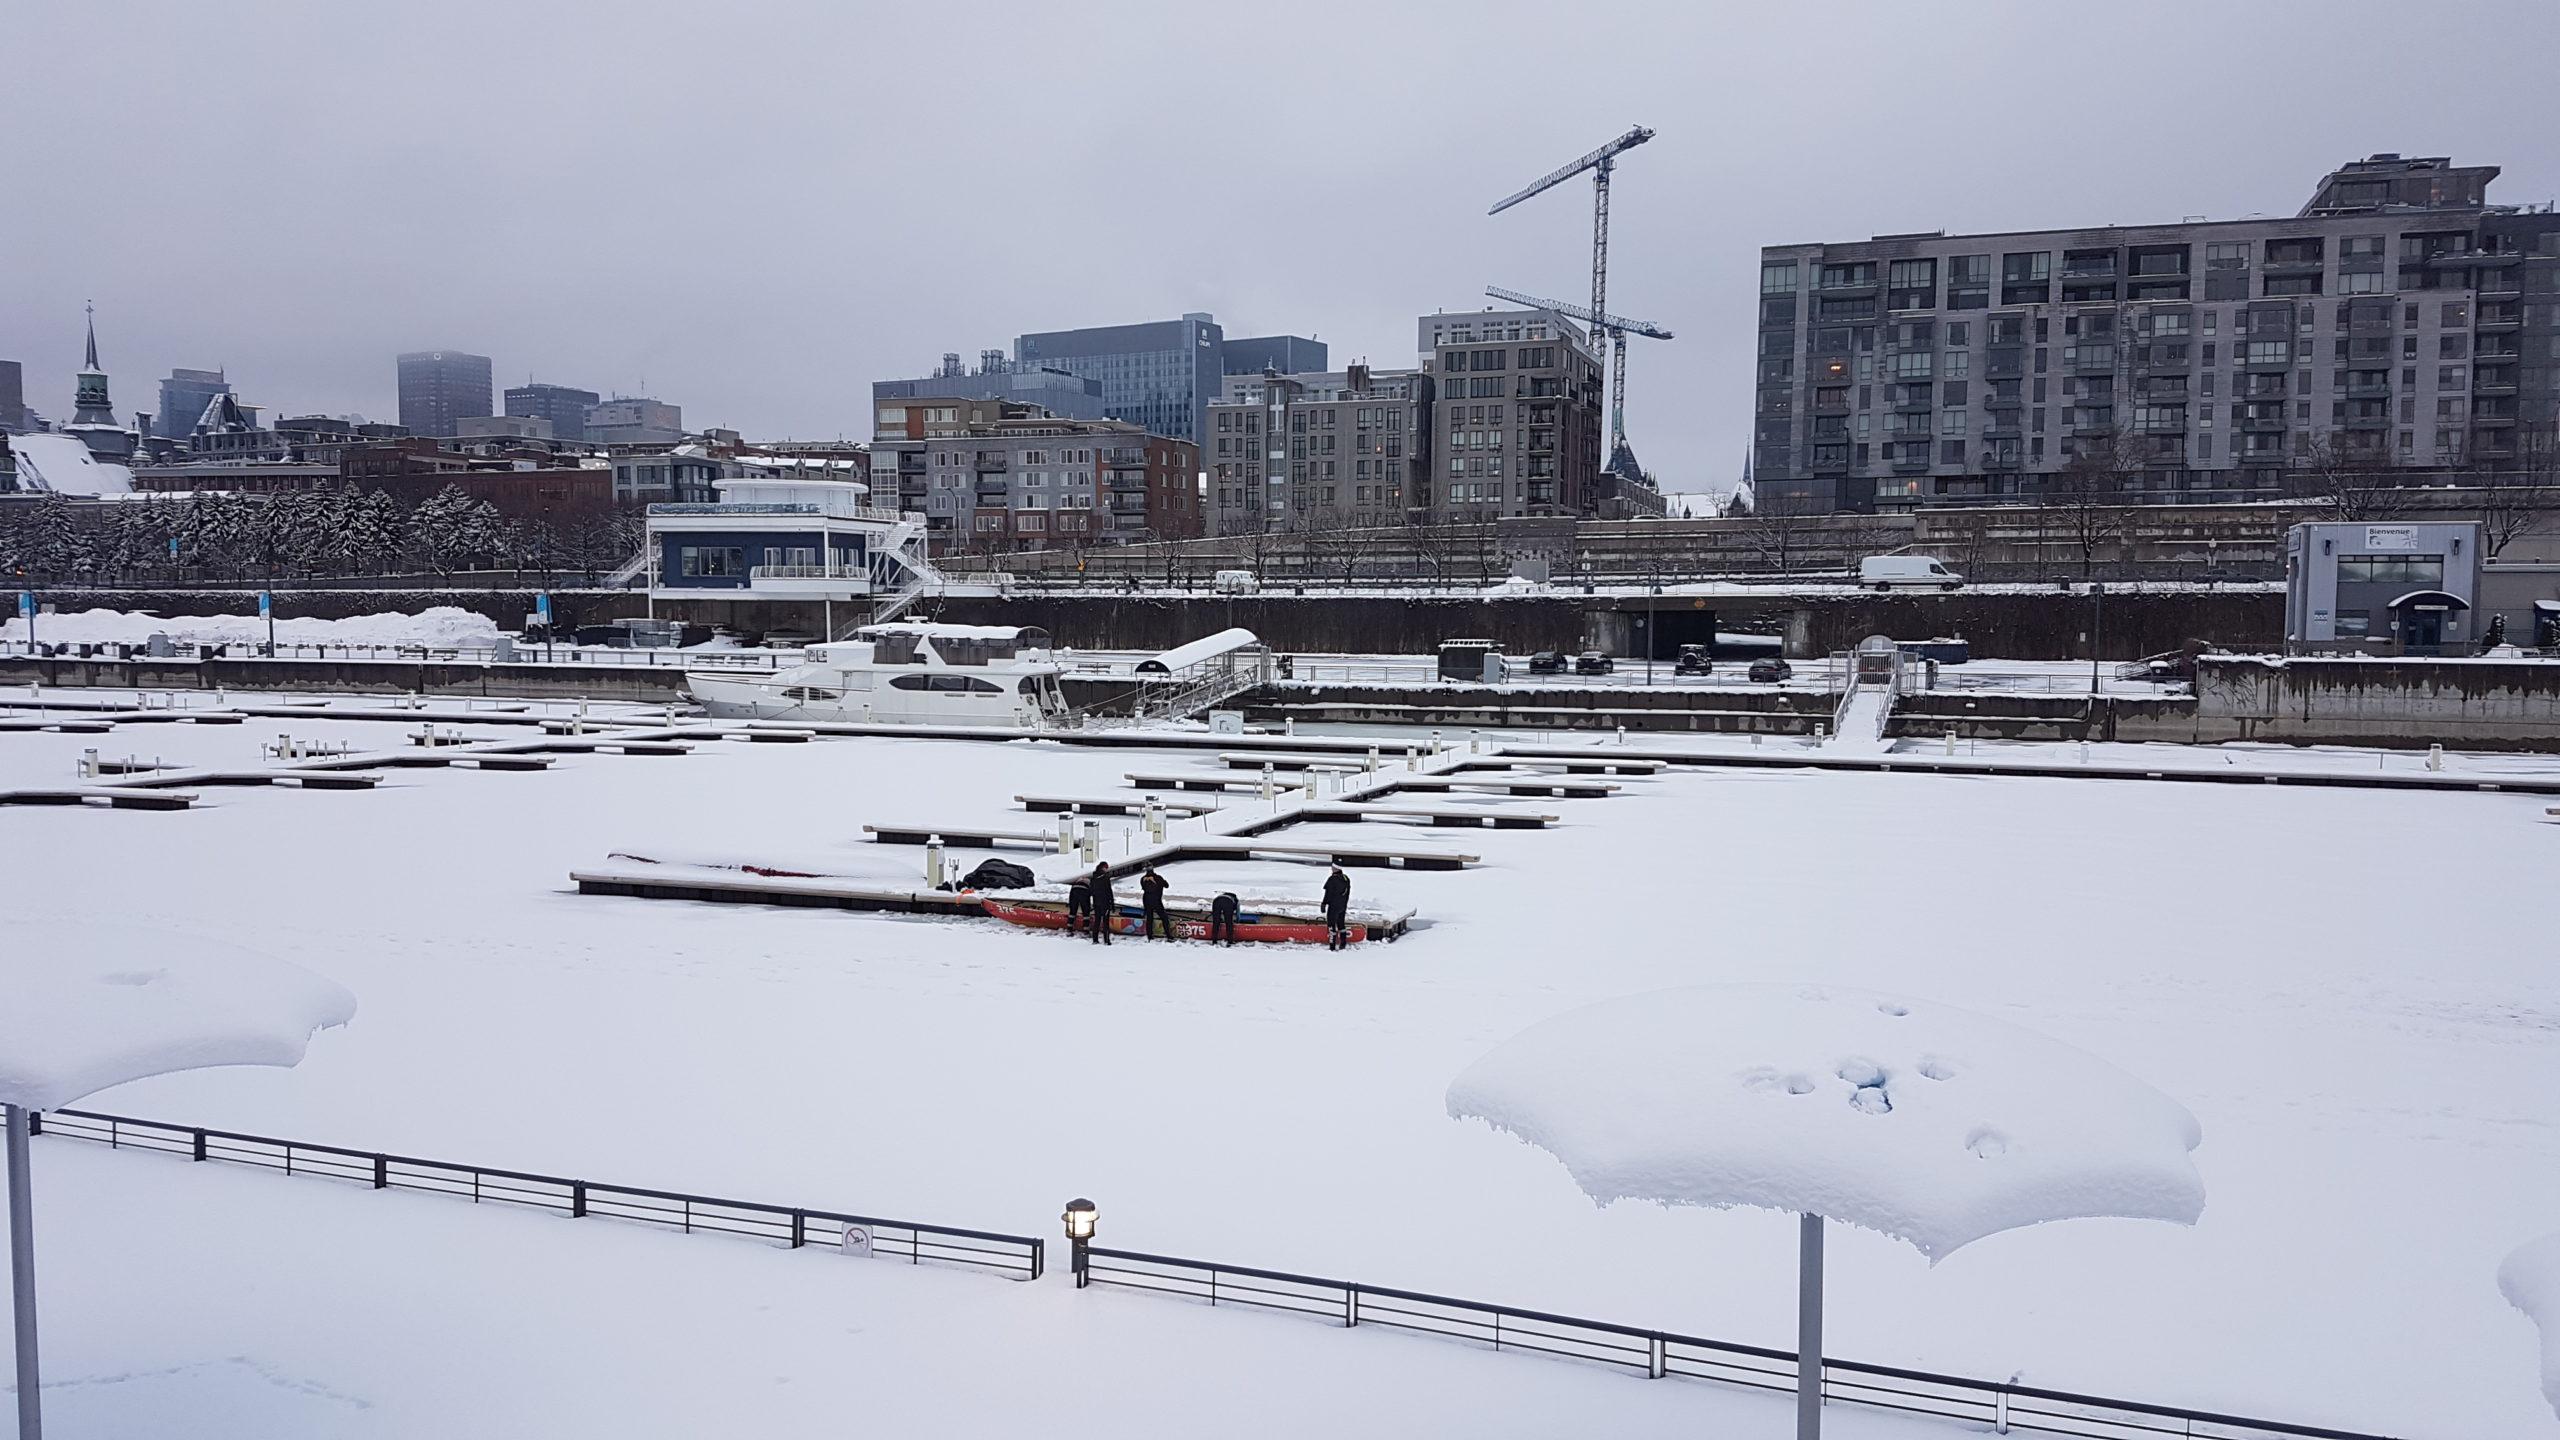 Ah non le port n'est pas totalement déserté : une (nouvelle?) discipline qui consiste à pousser à plusieurs une sorte d'aviron sur la glace avant de retourner sur l'eau...